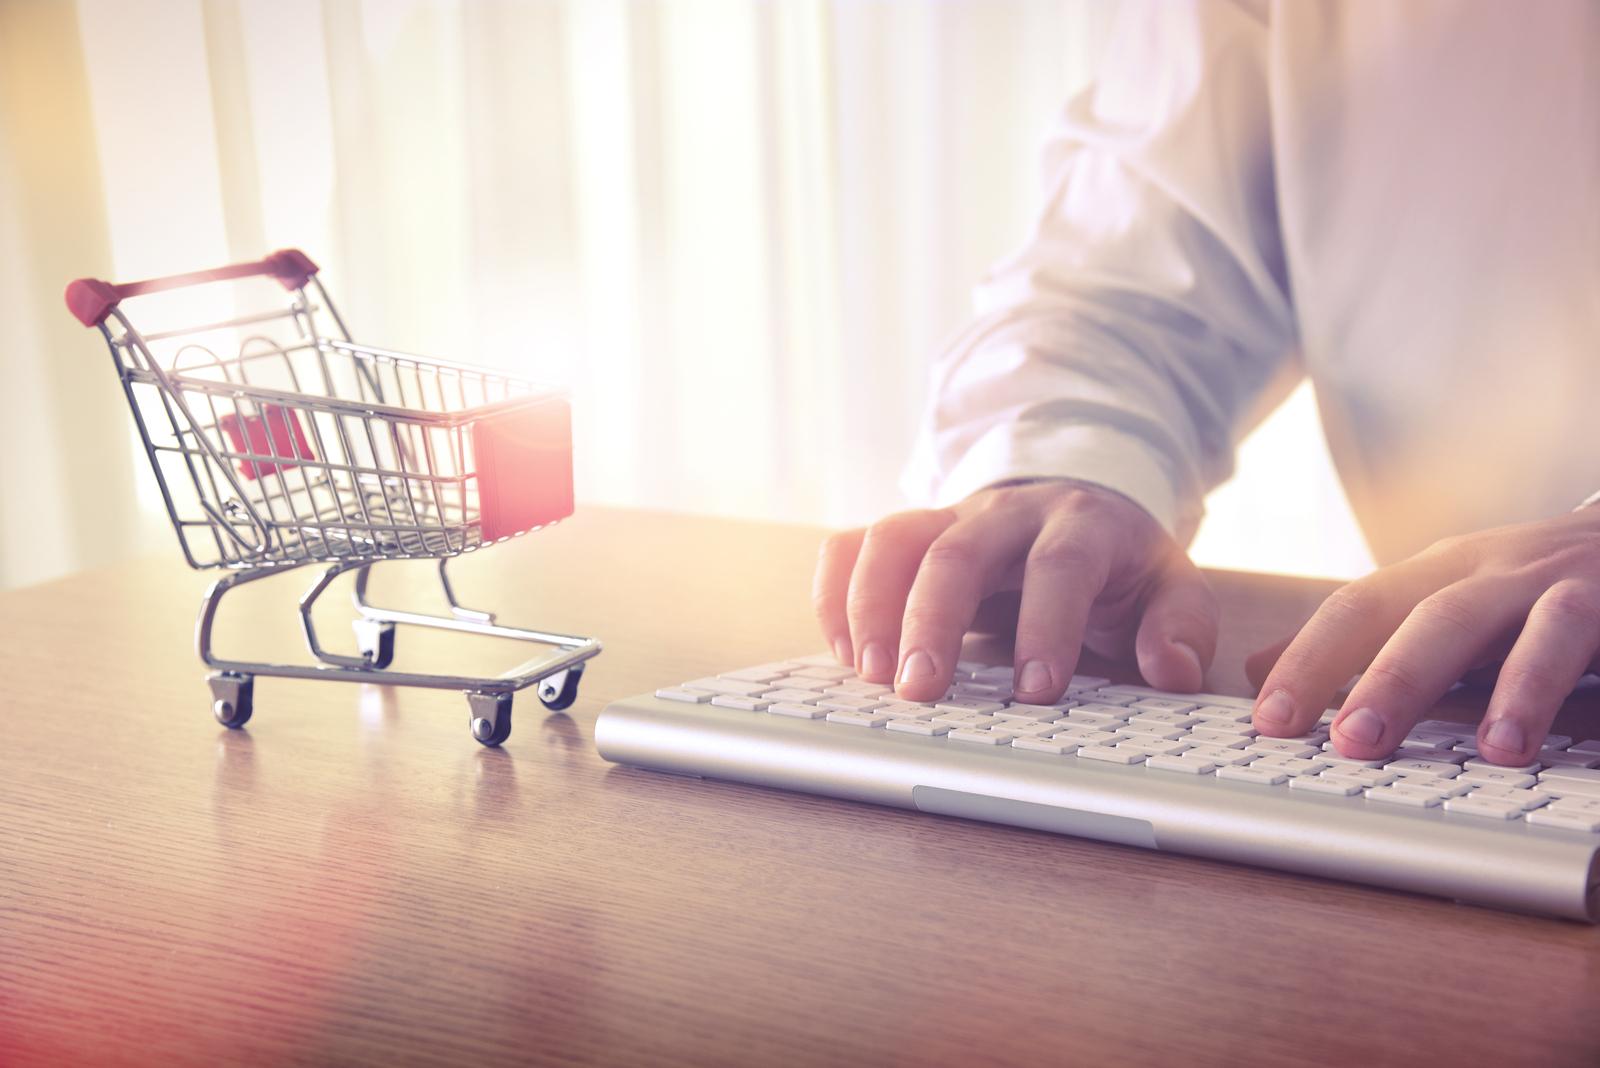 db505e8a1b88 Crecen 6,1% las ventas por internet y caen 14% en locales al público ...